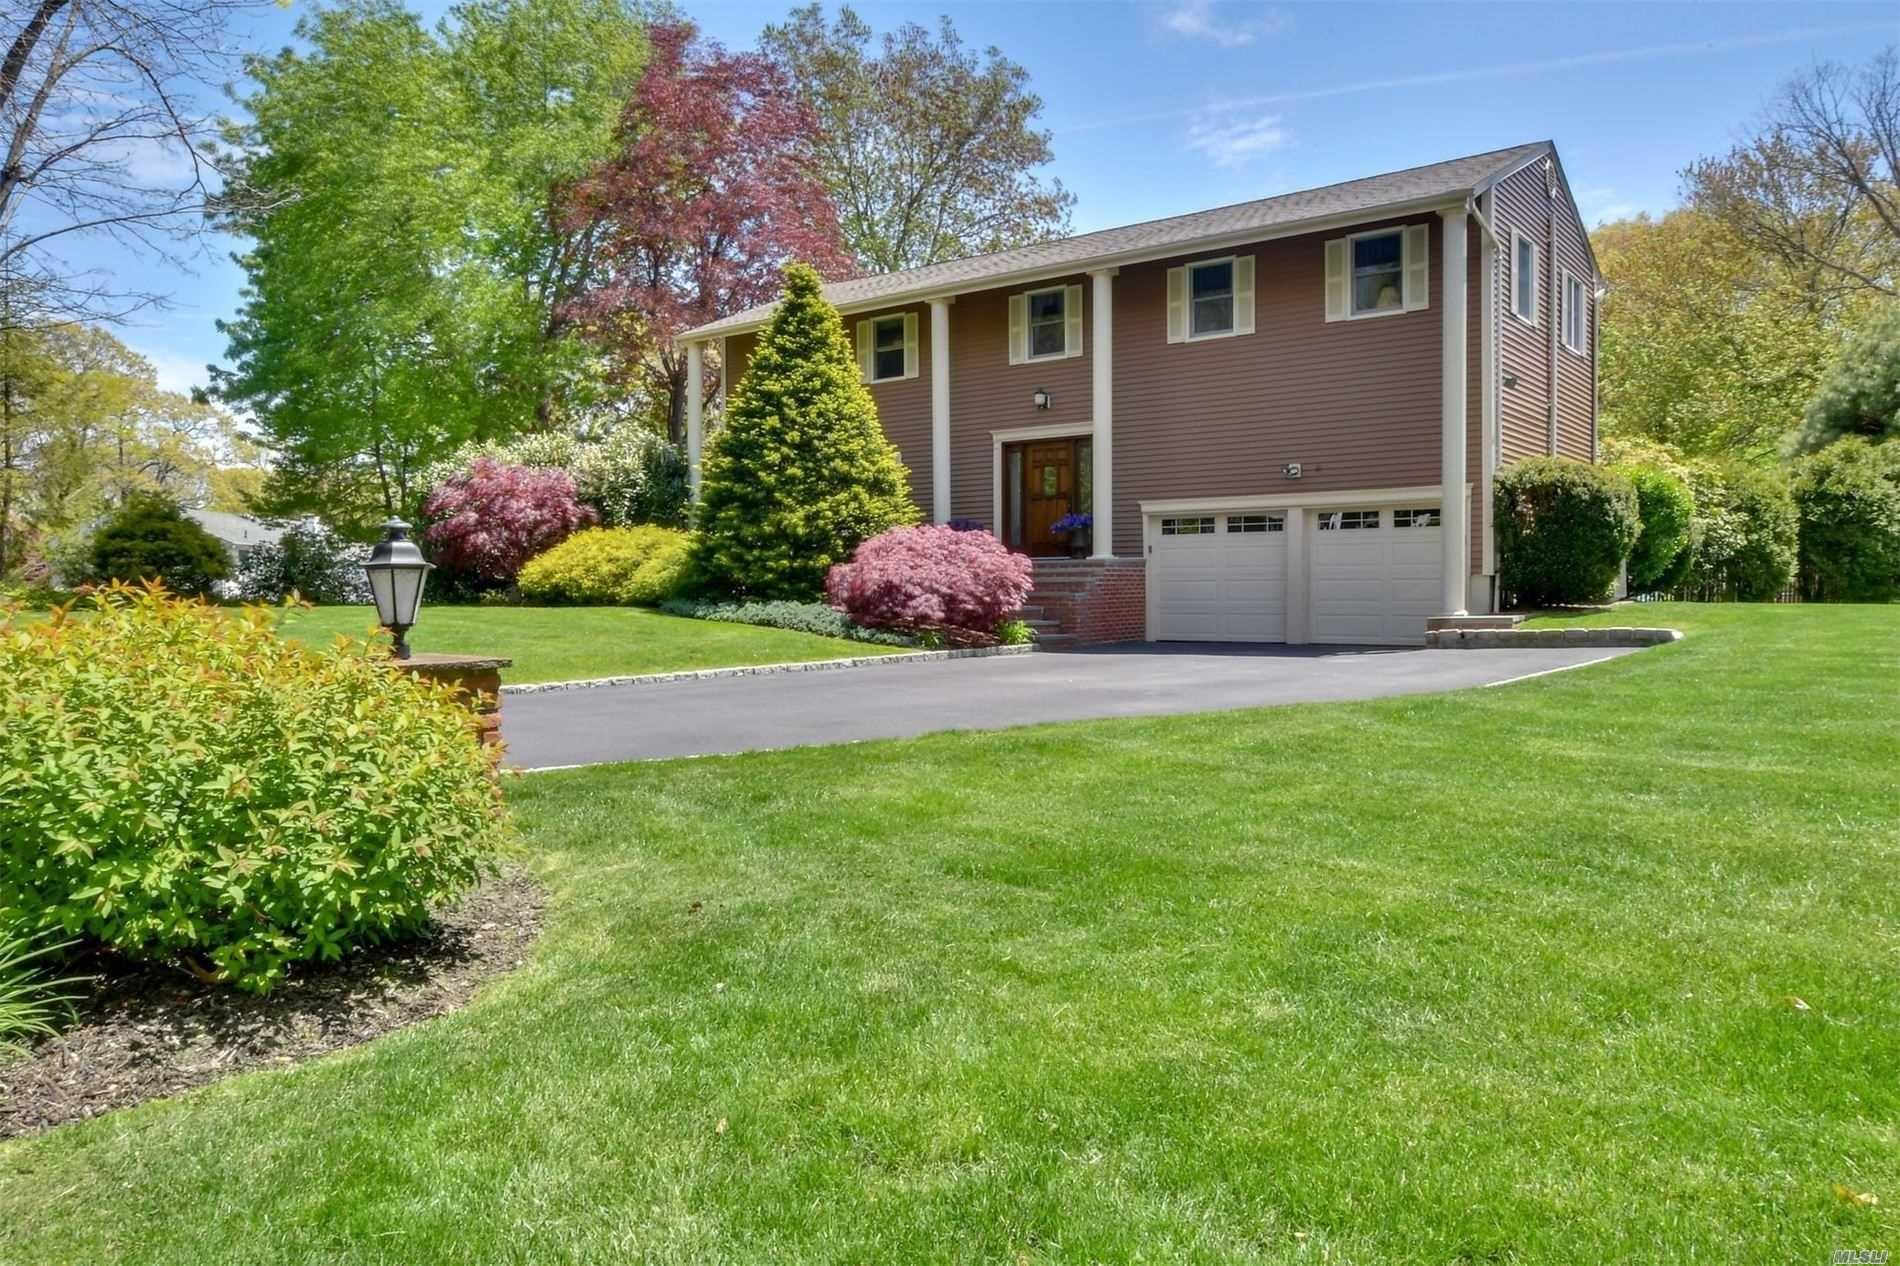 18 Sunnywoods Drive, Huntington, NY 11746 - MLS#: 3215780